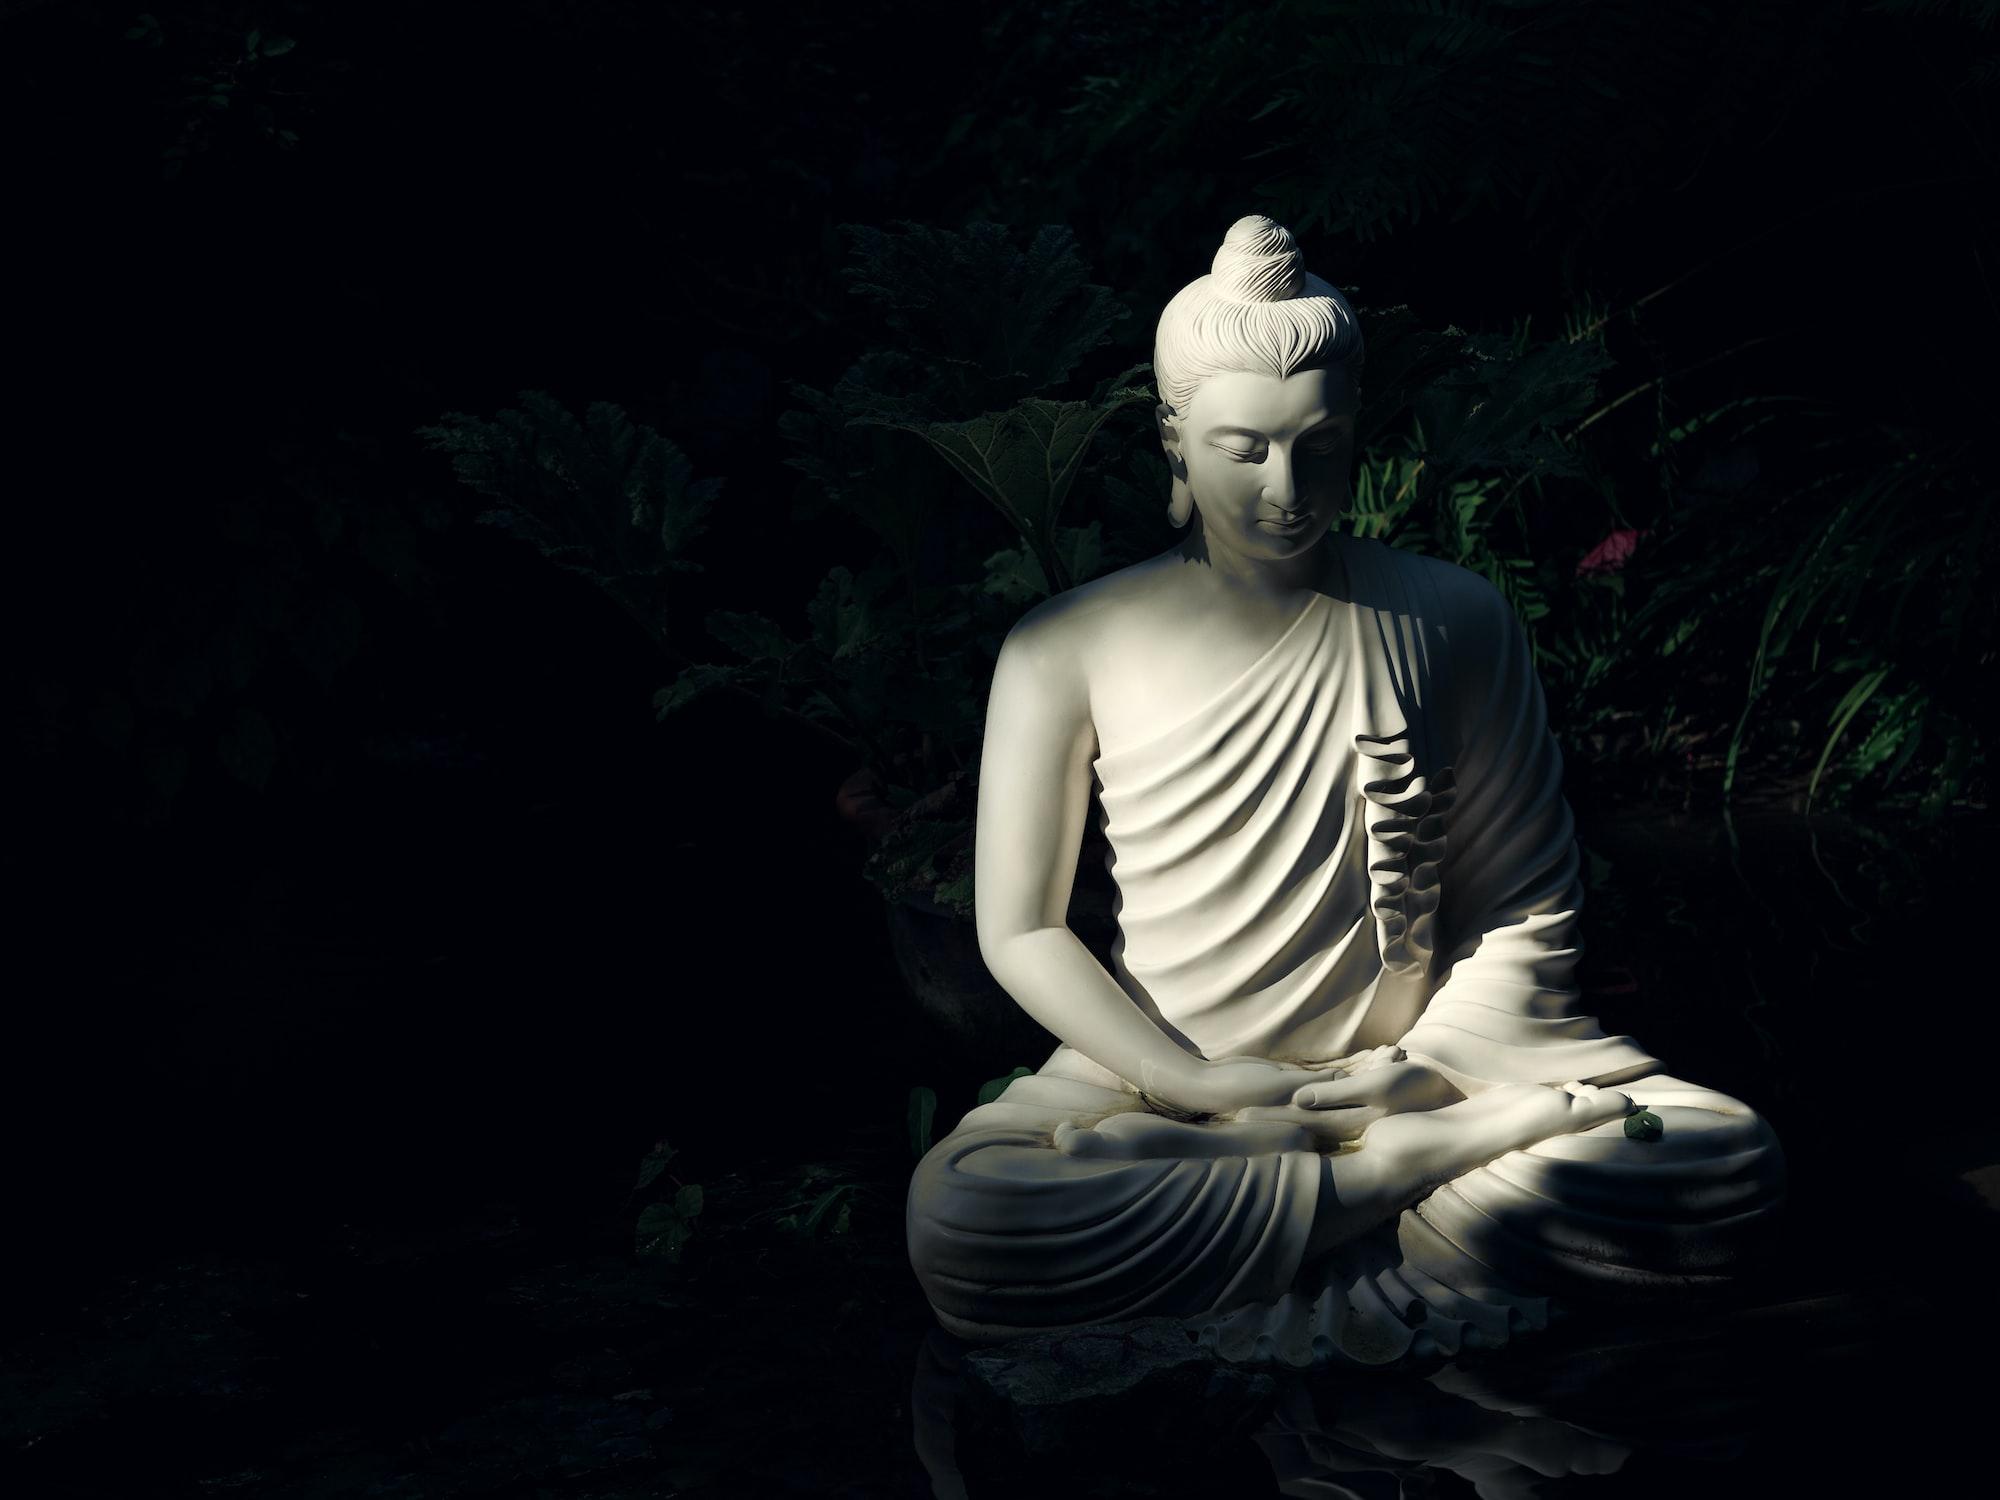 Будда, гнів, та клавіатурні війни, - притча